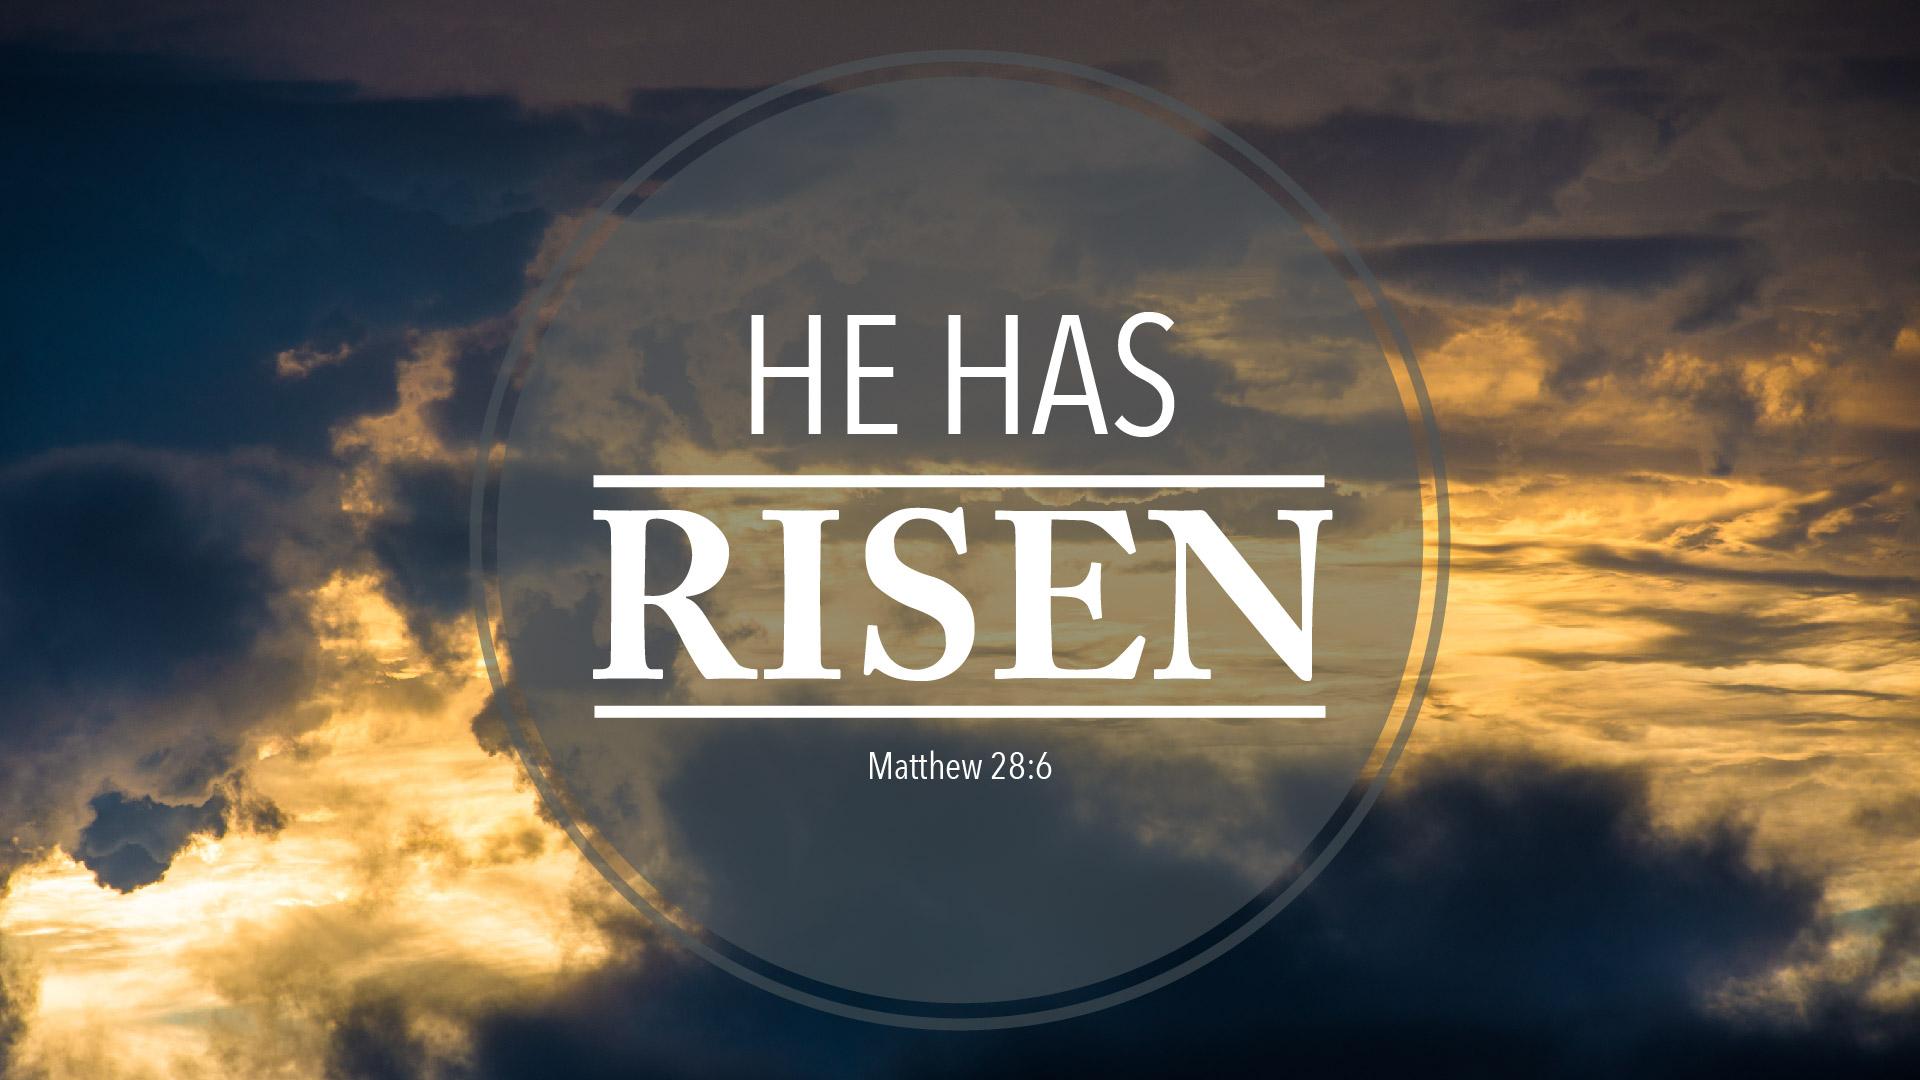 30943_He_has_risen.jpg